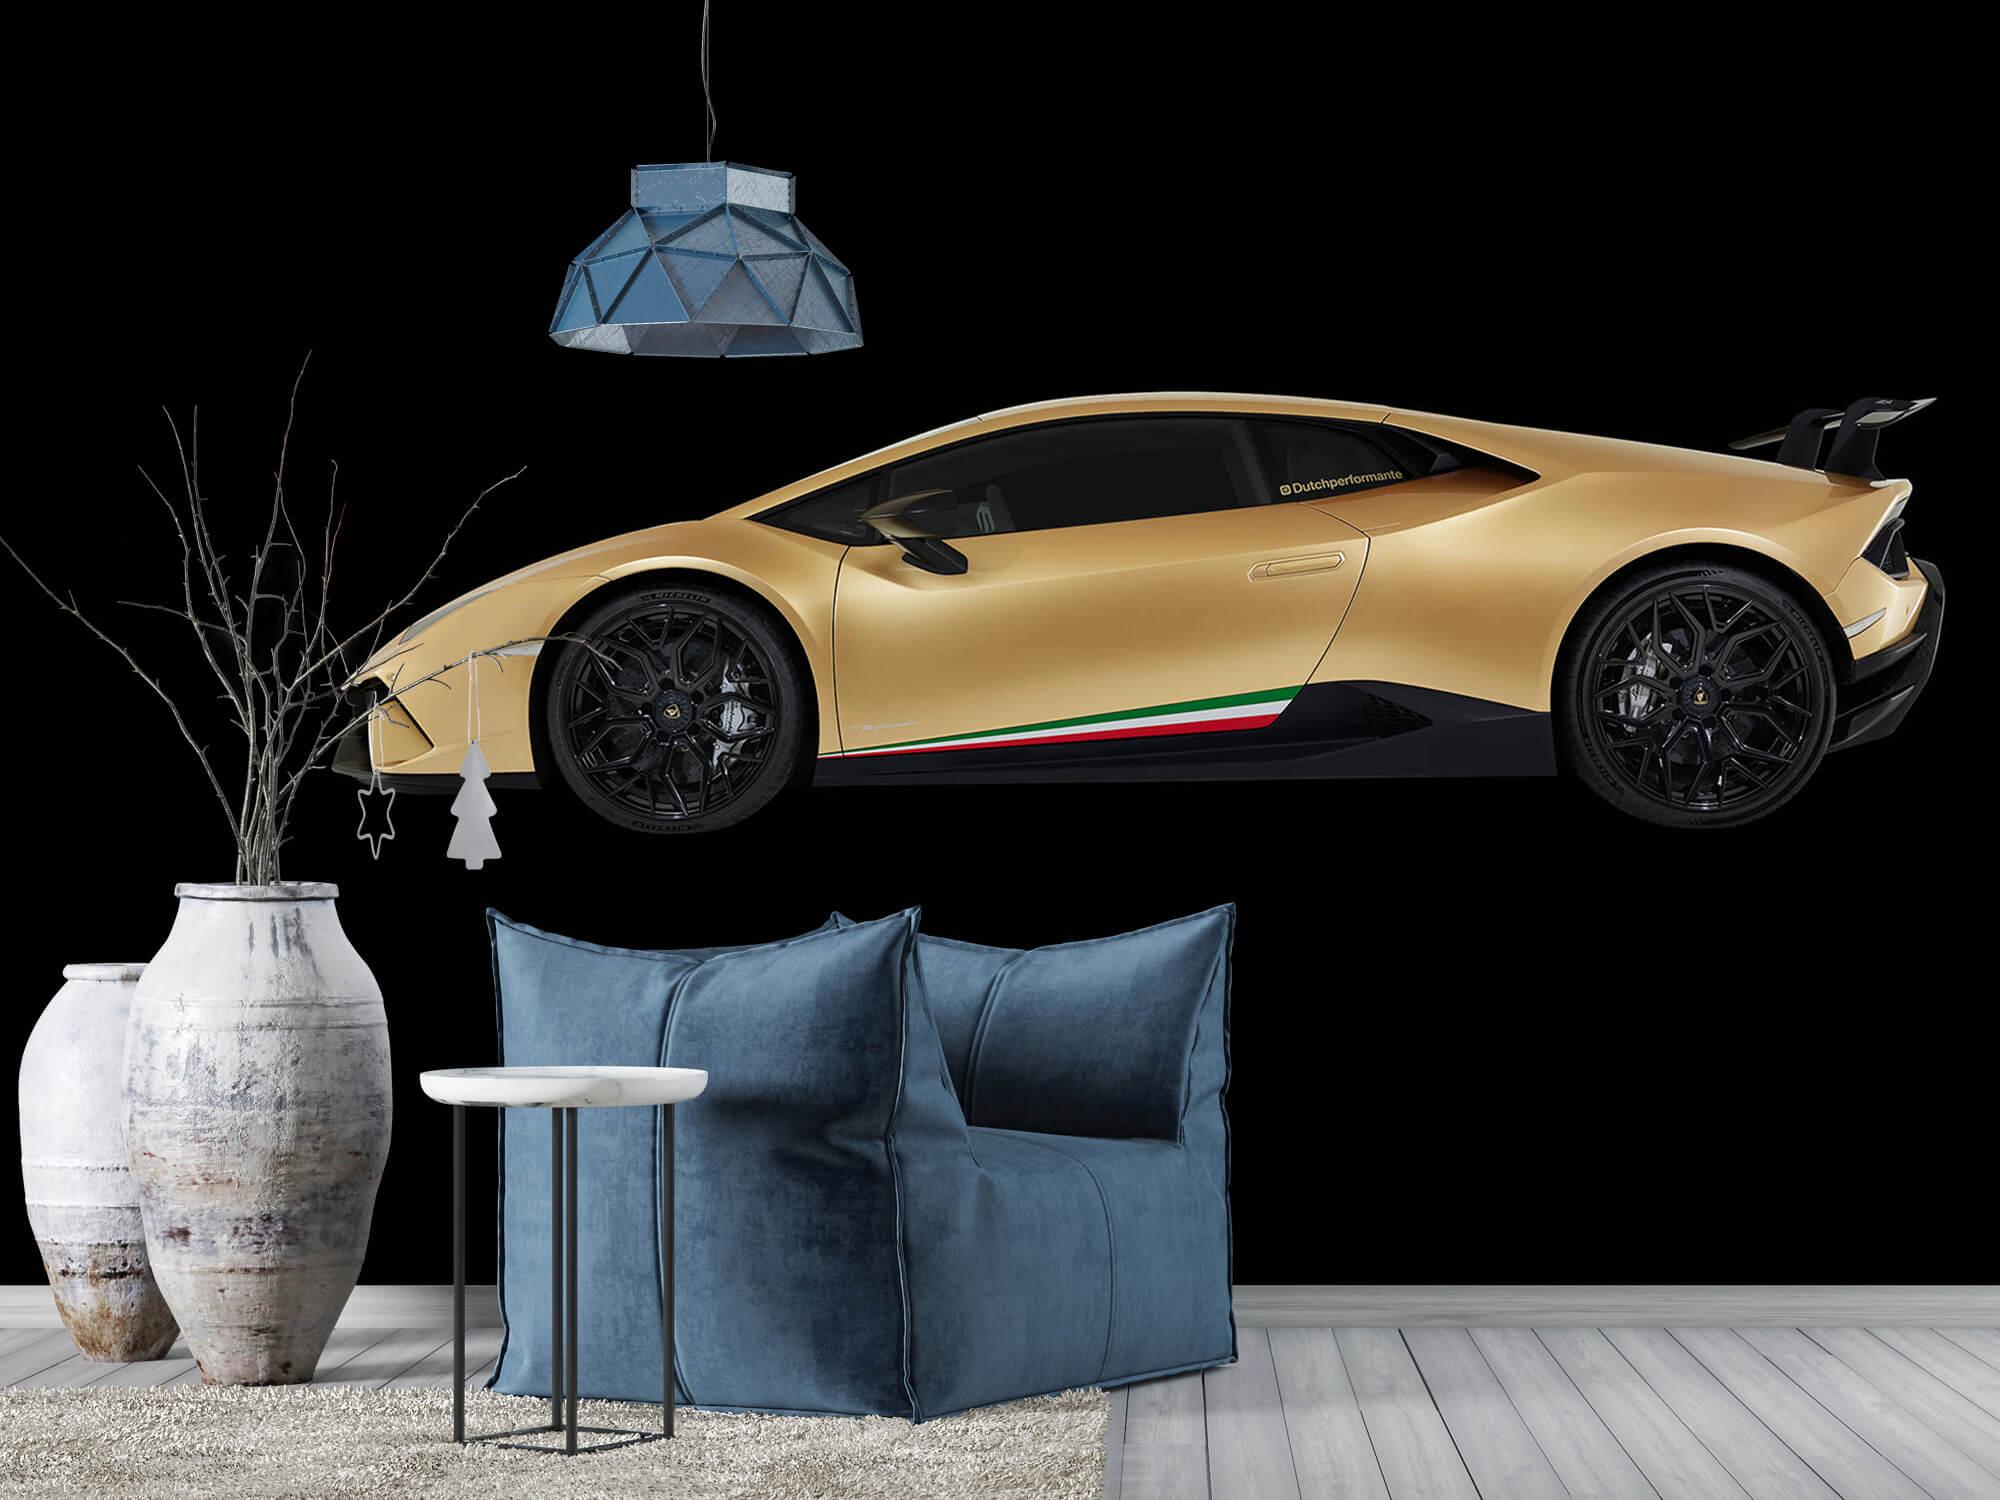 Wallpaper Lamborghini Huracán - Sida, svart 9